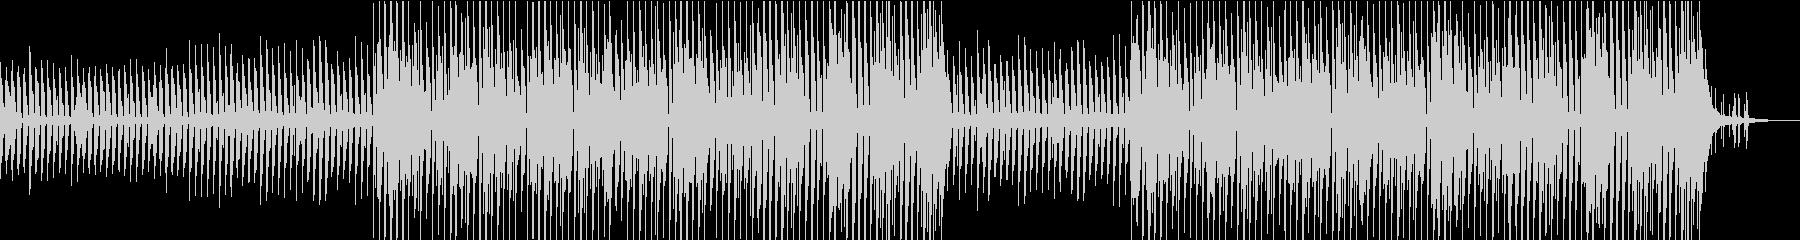 ほのぼのしてかわいいピアノと木琴ポップスの未再生の波形